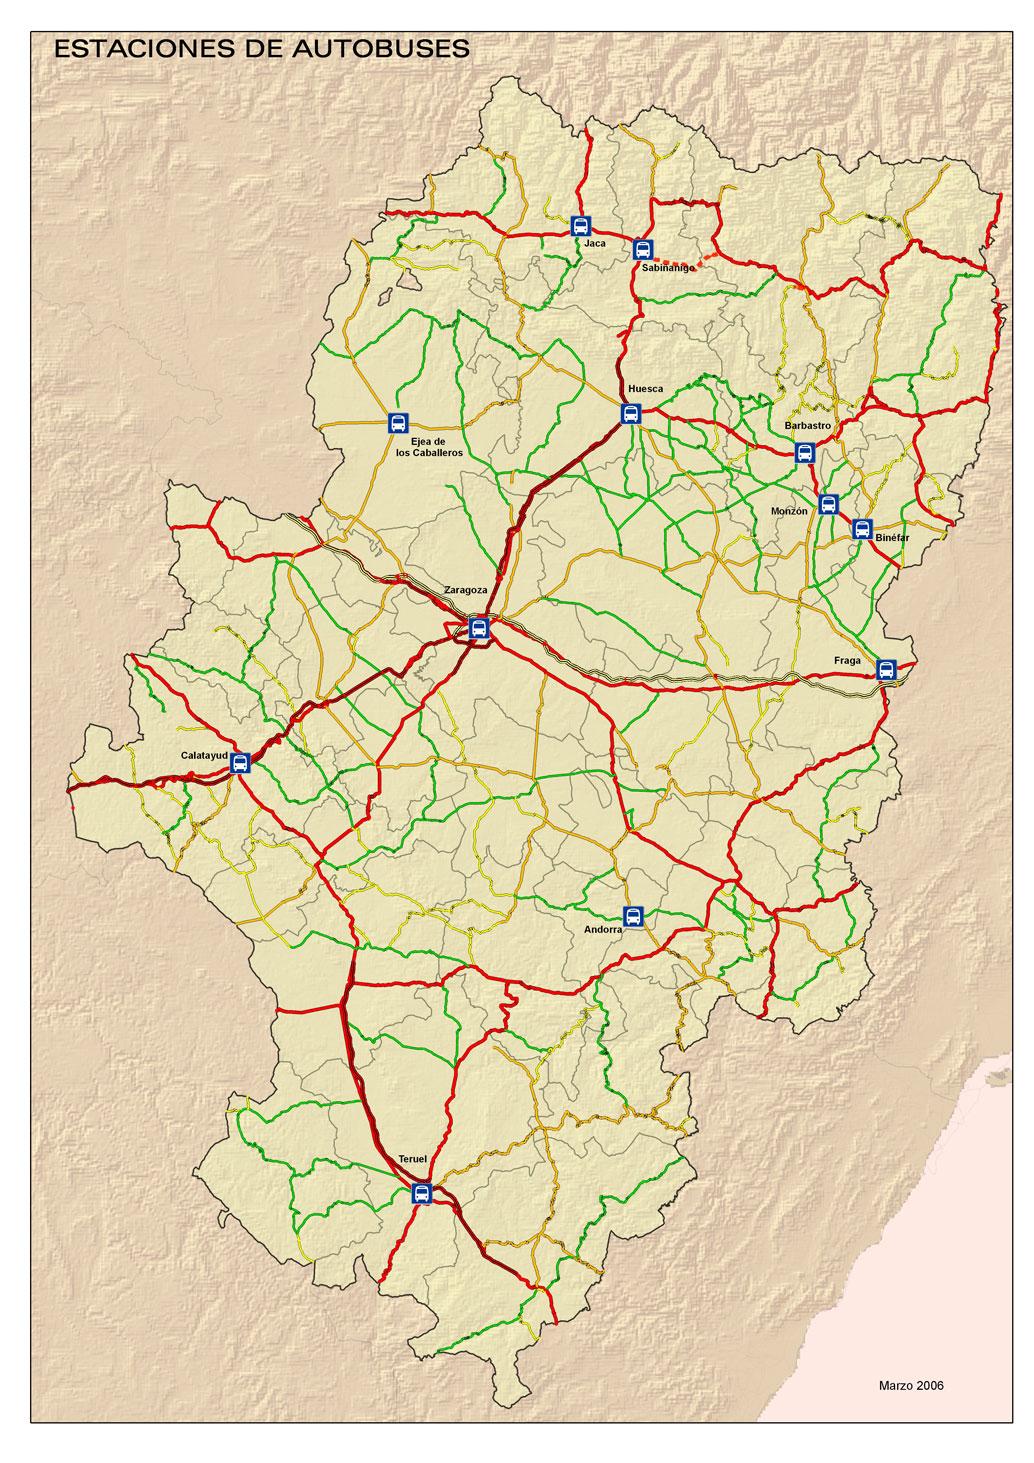 Mapa de las Estaciones de Autobús de Aragón